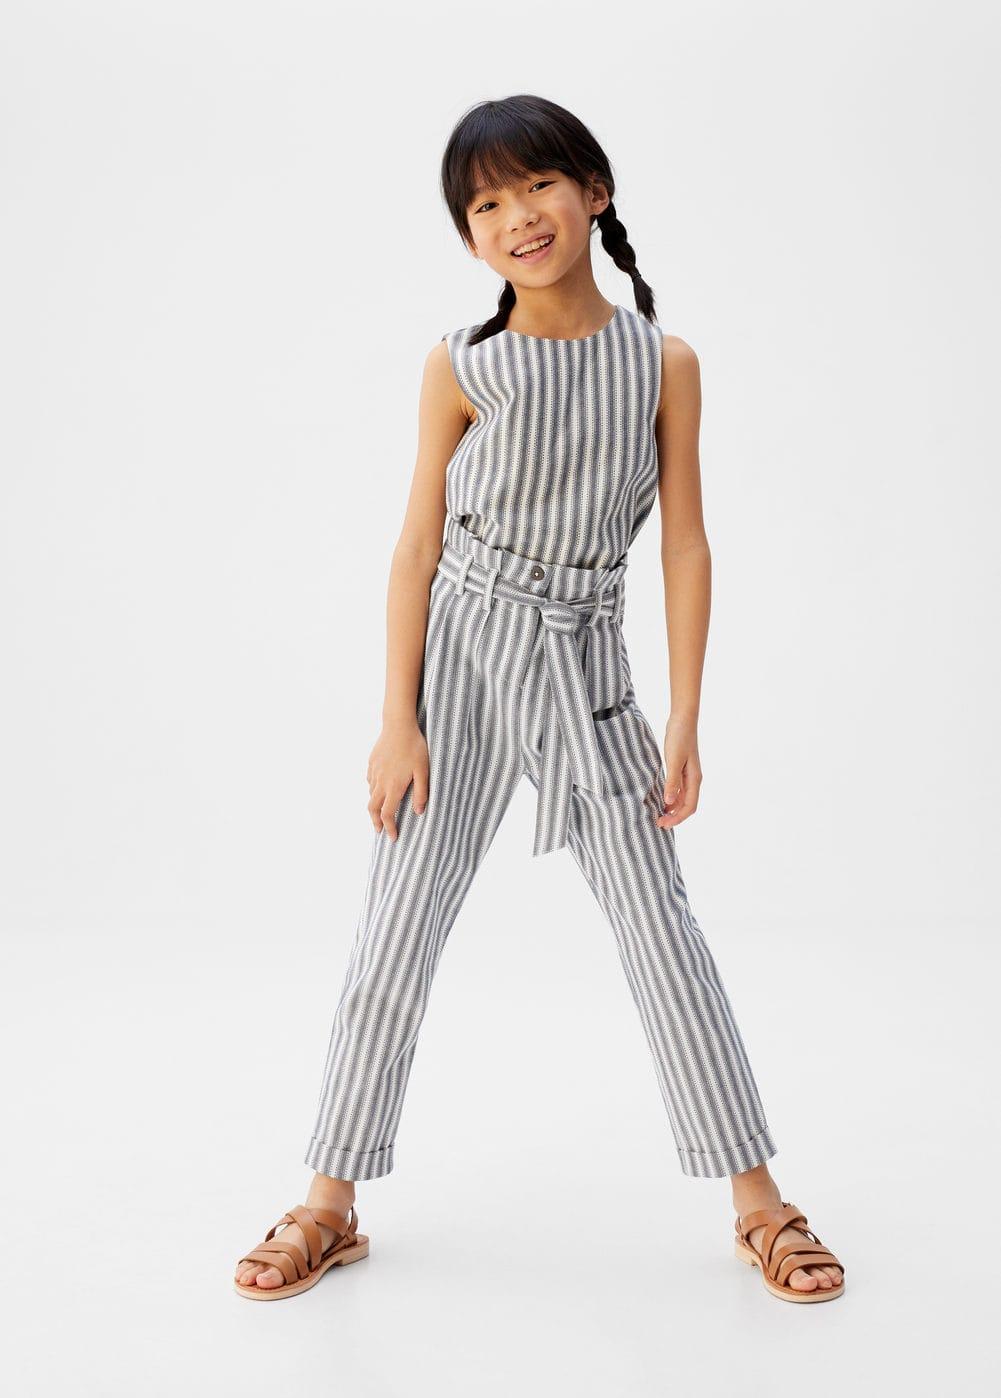 a-ona:pantalon recto rayas